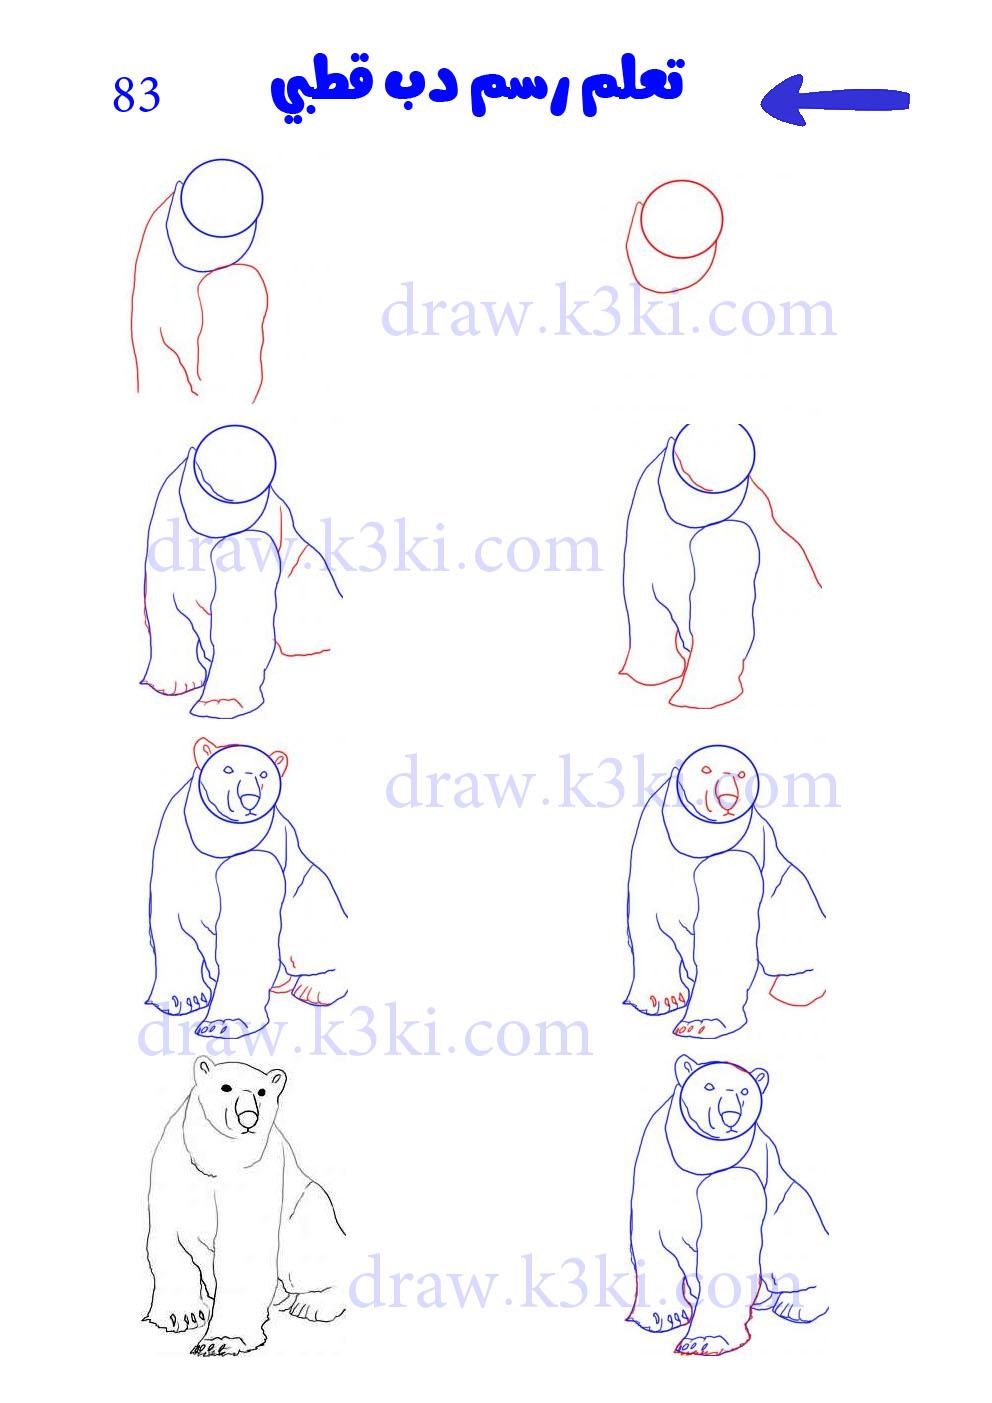 تعلم رسم دب قطبي تعلم الرسم